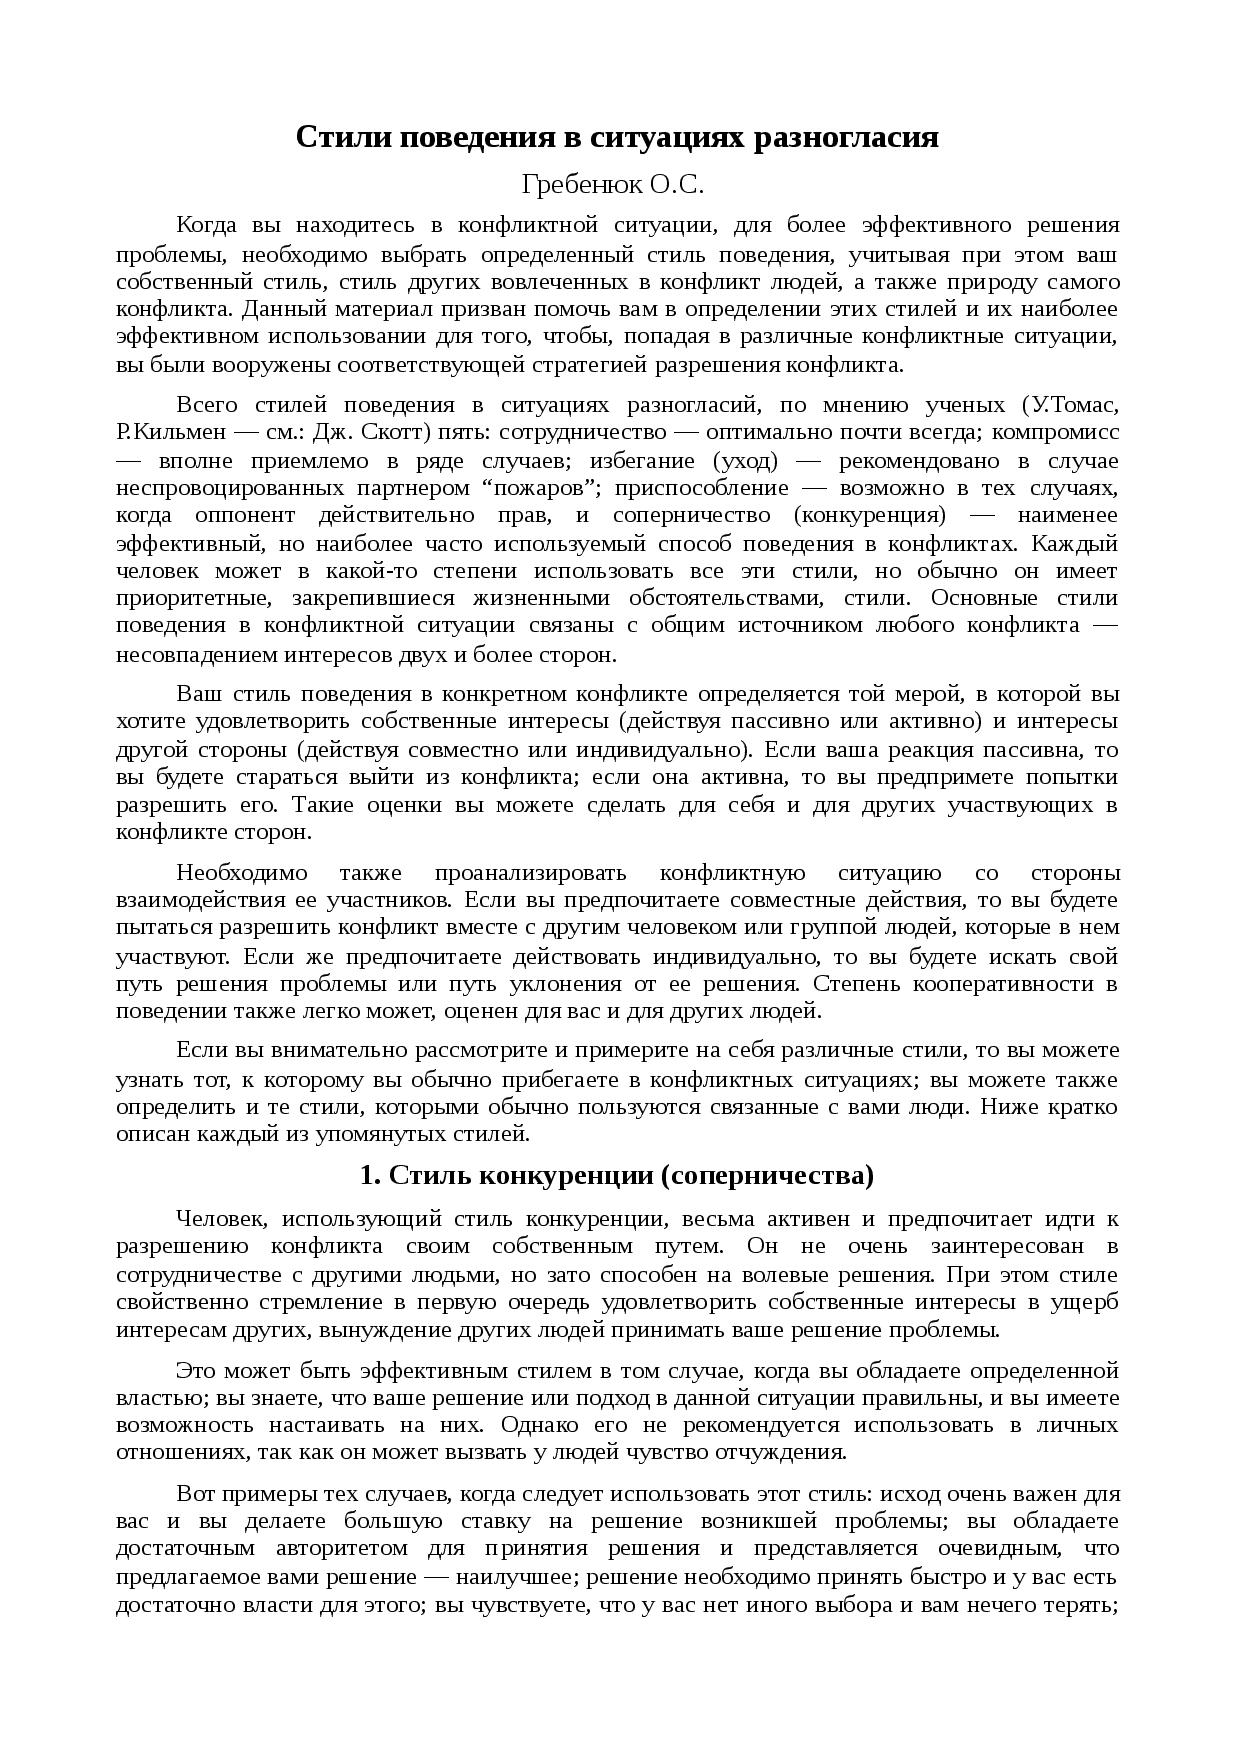 Виды конфликтов в психологии